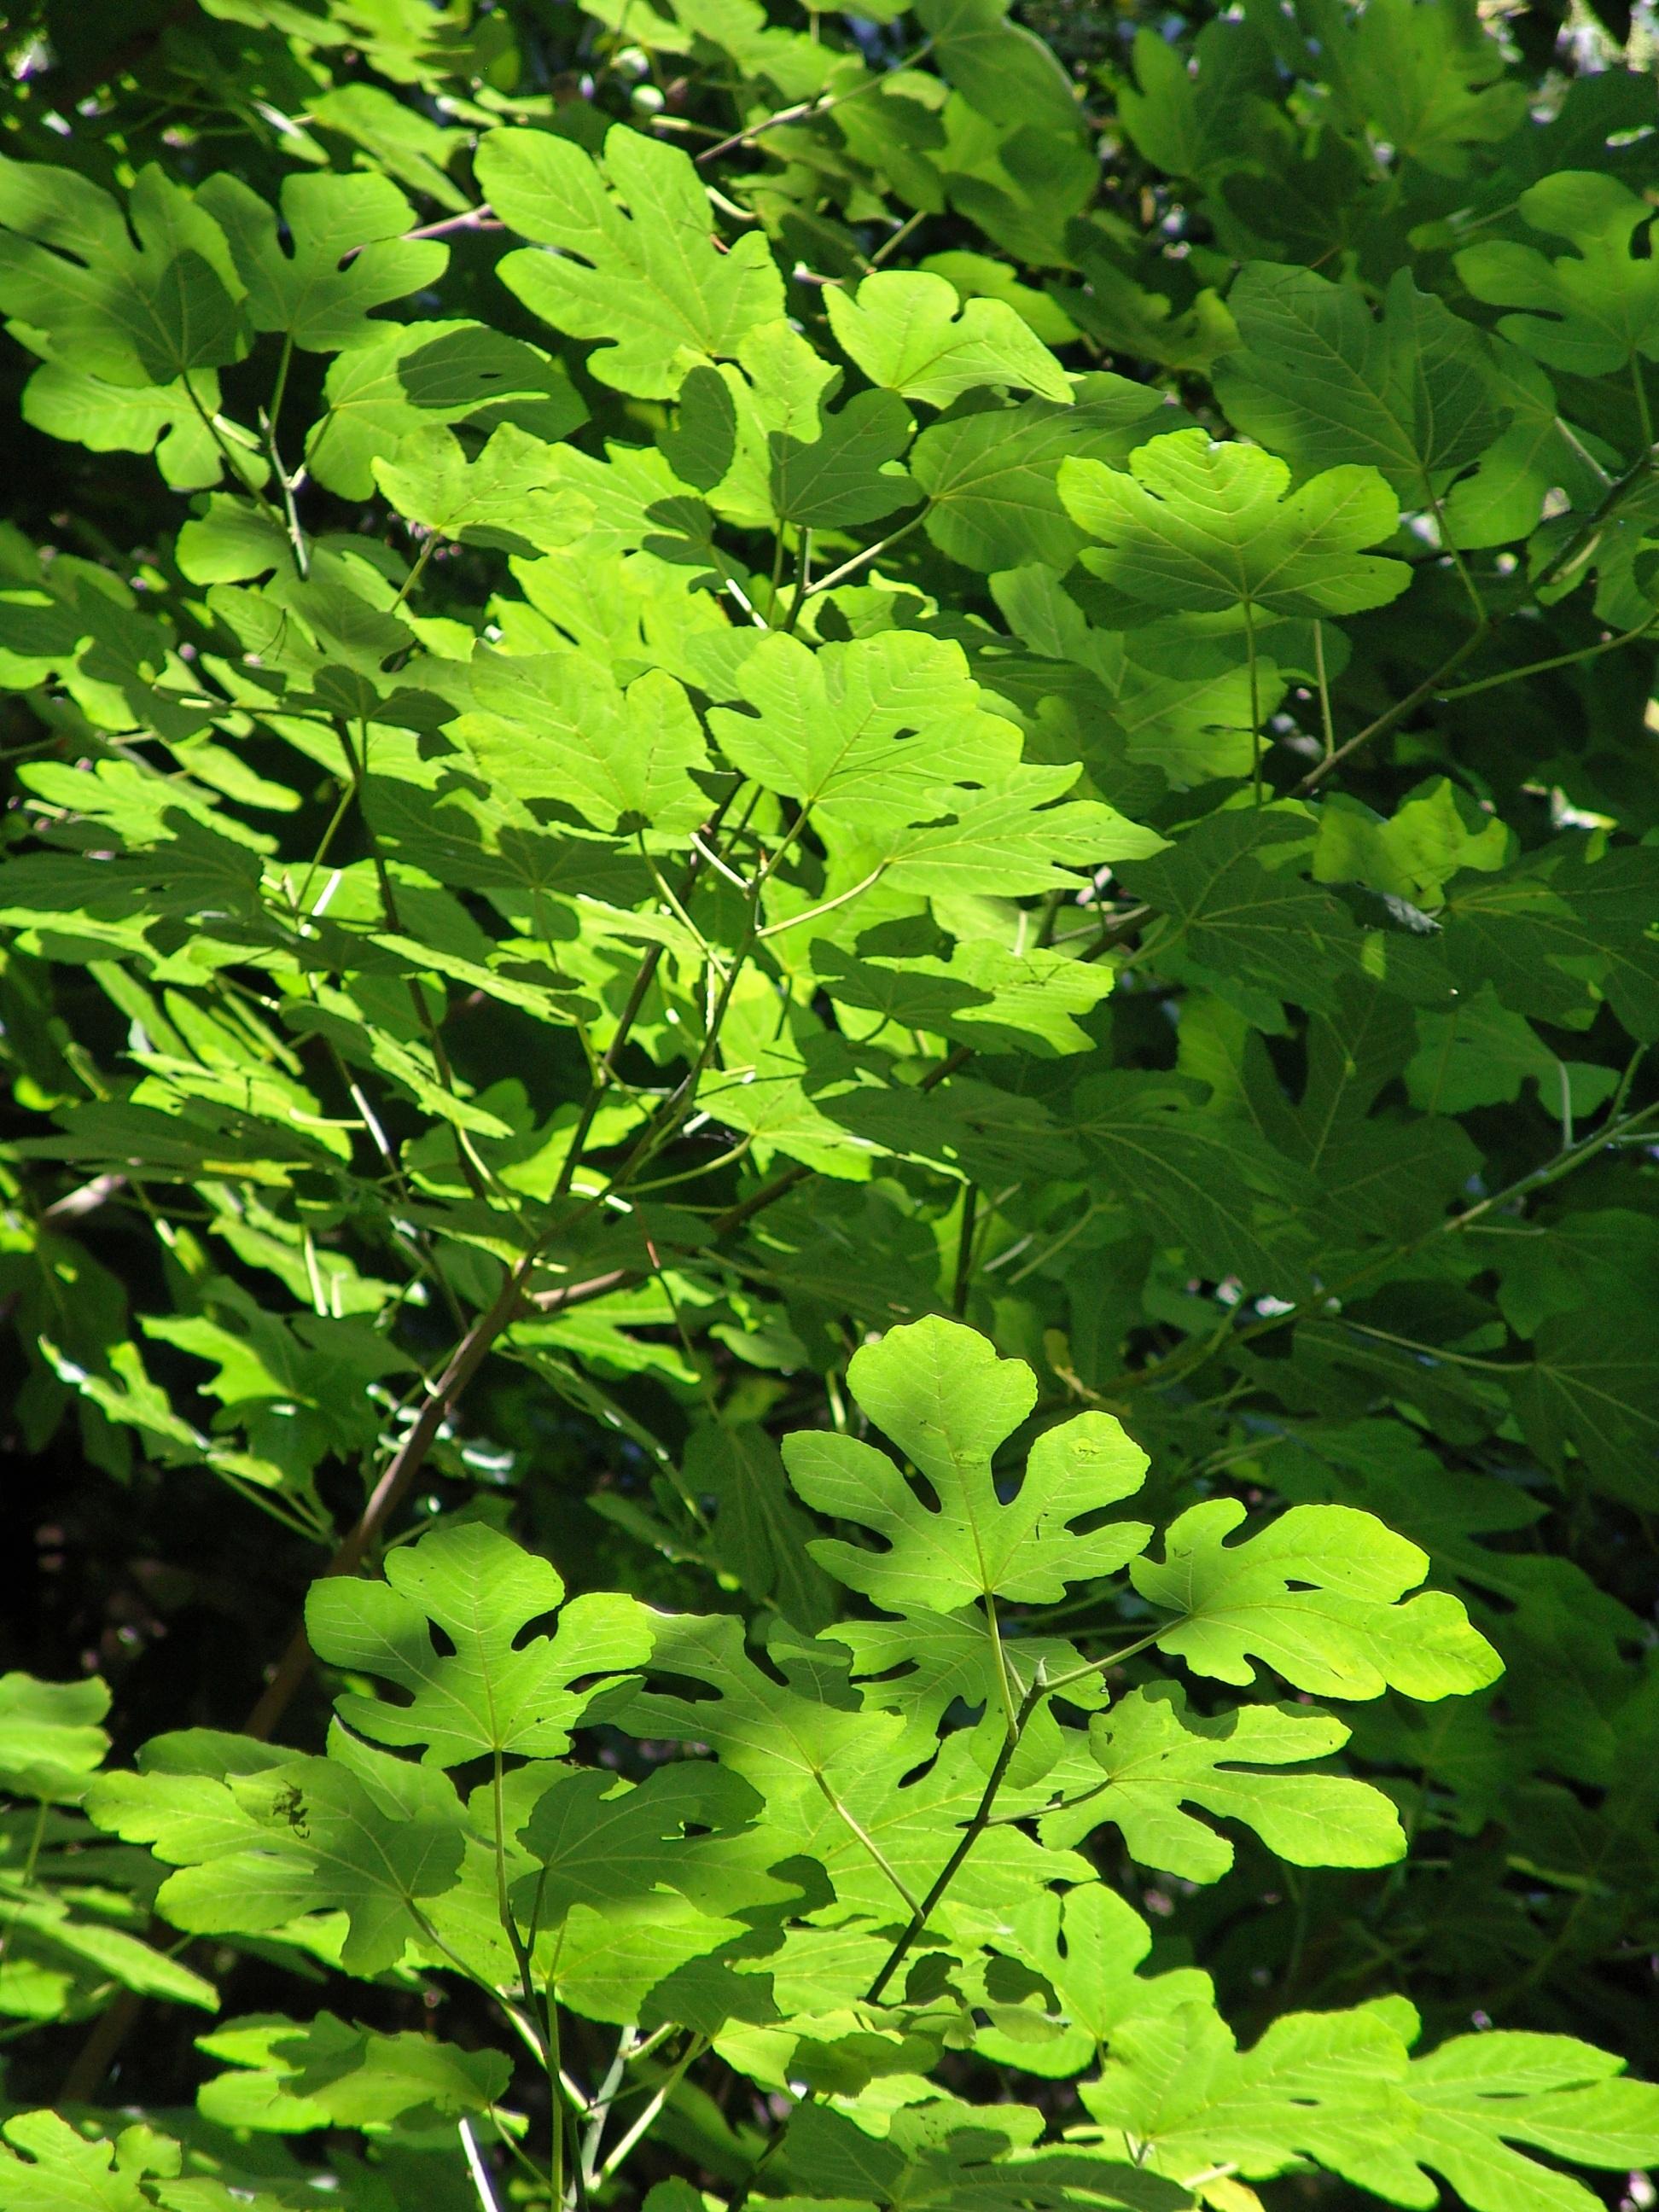 hình ảnh : cây, chi nhánh, thực vật, Lá, màu xanh lá, Sản xuất, Thực vật học, Cây xanh, Cây bụi, Rụng lá, Hệ sinh thái, đối tượng, thực vật có hoa, ...